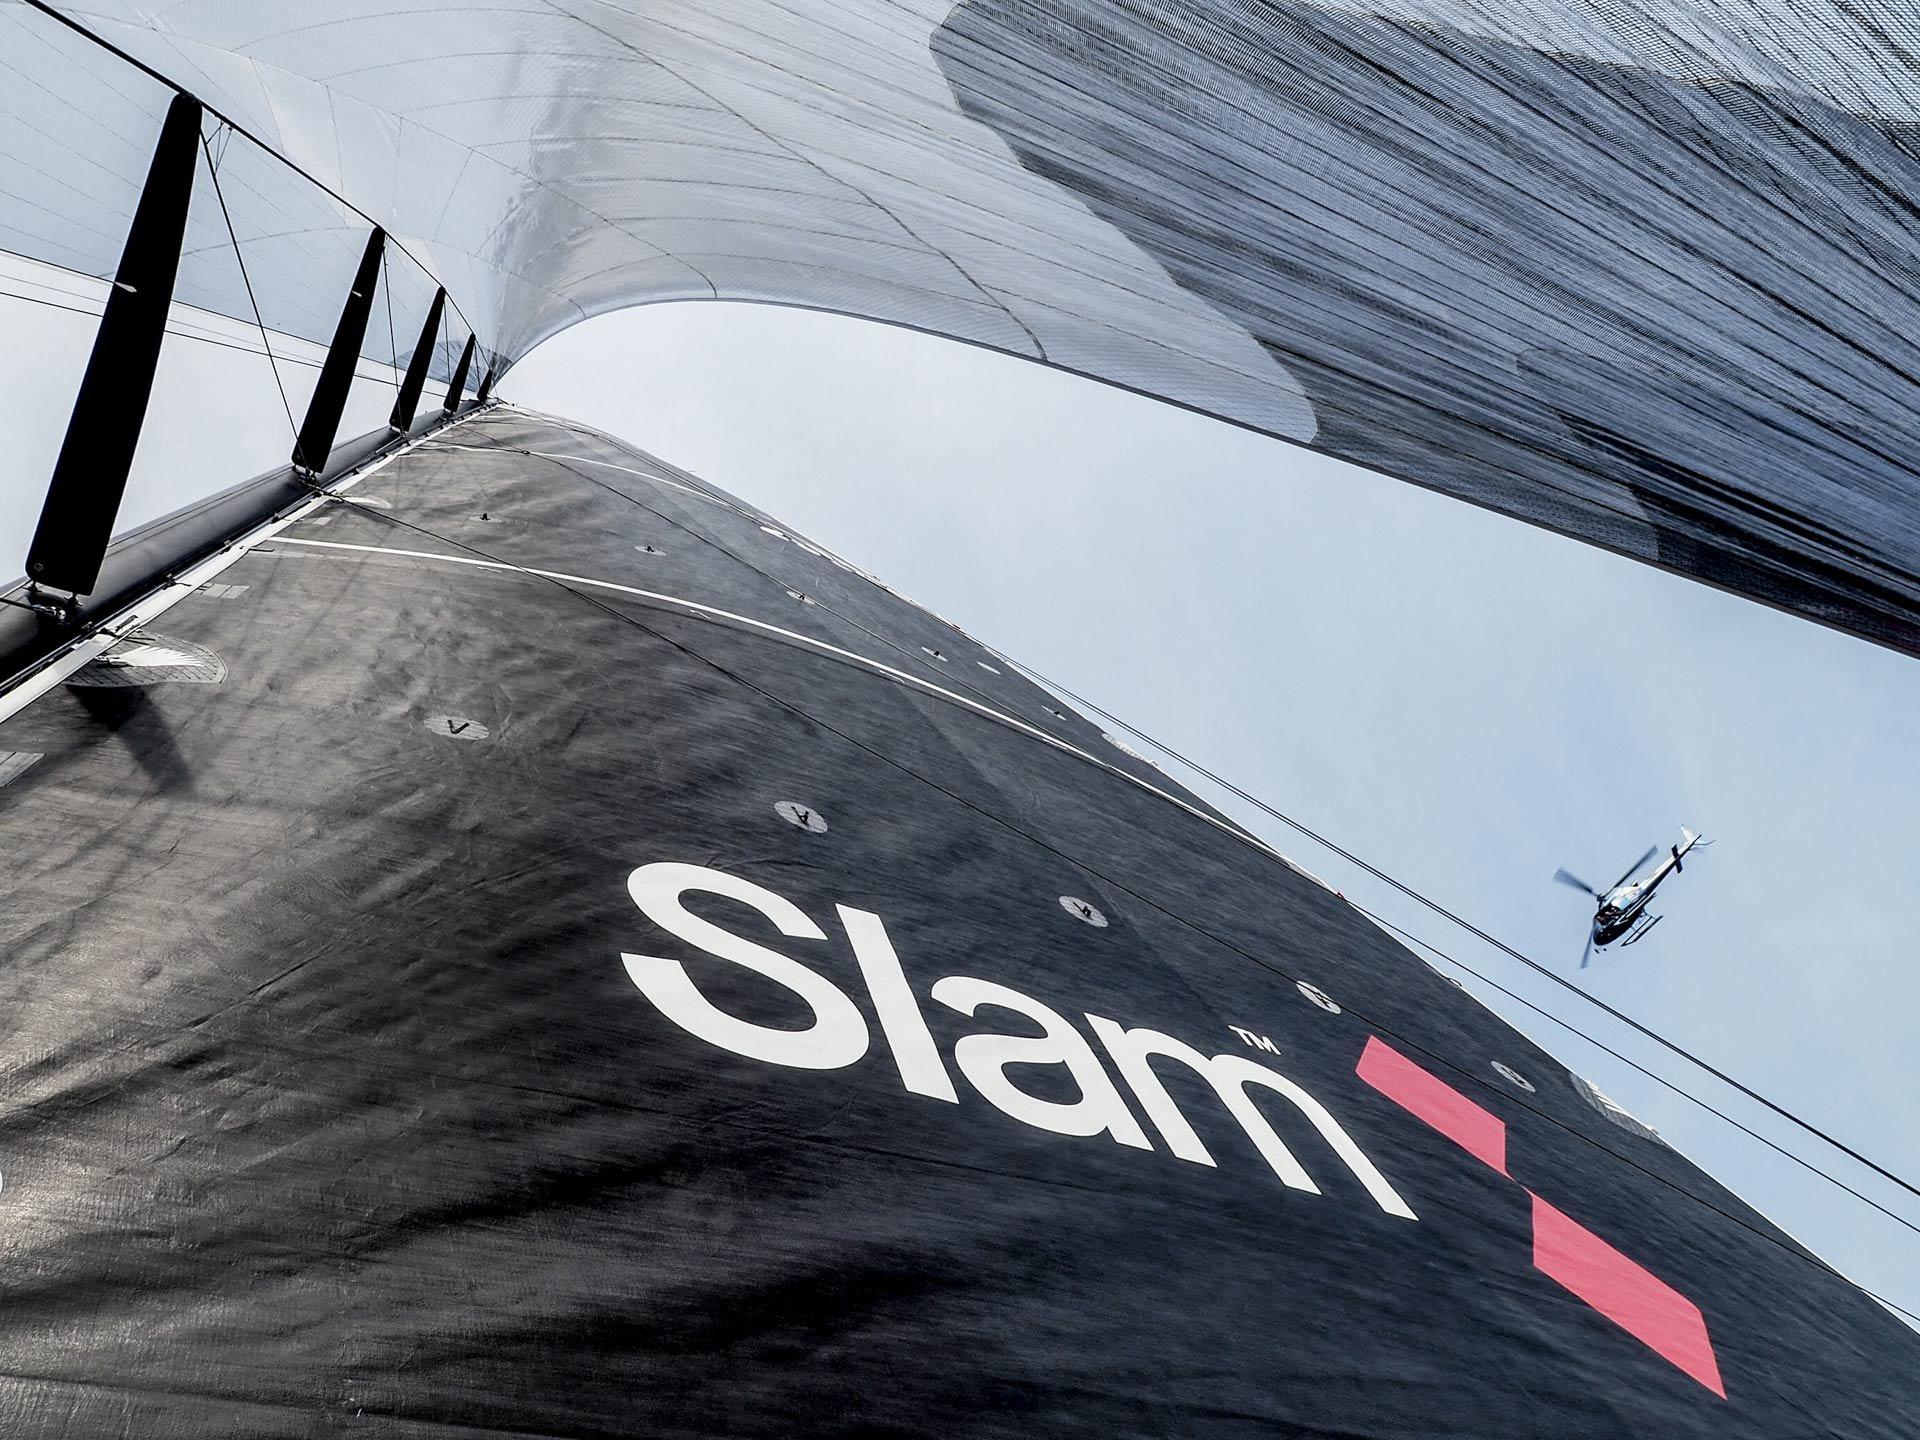 Relookage de Slam, la marque de la passion